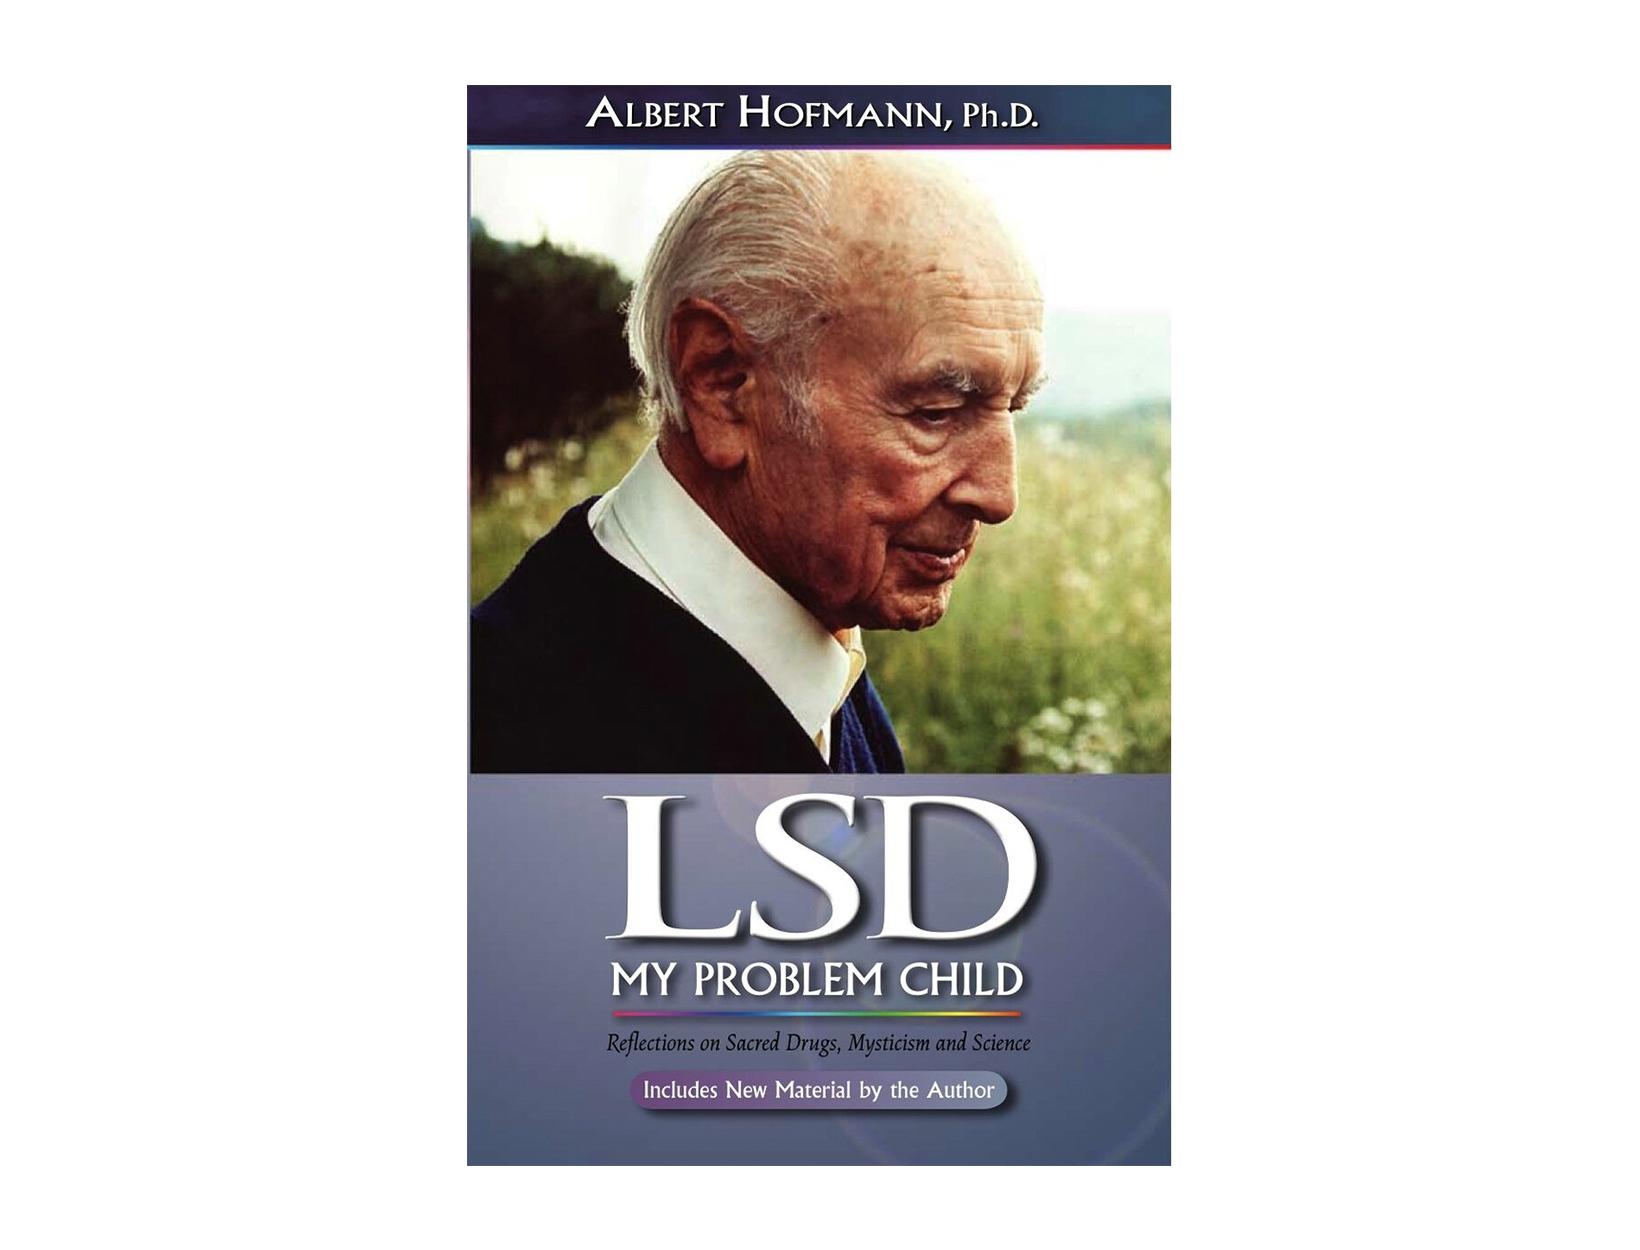 <em>Albert Hofmann, PhD